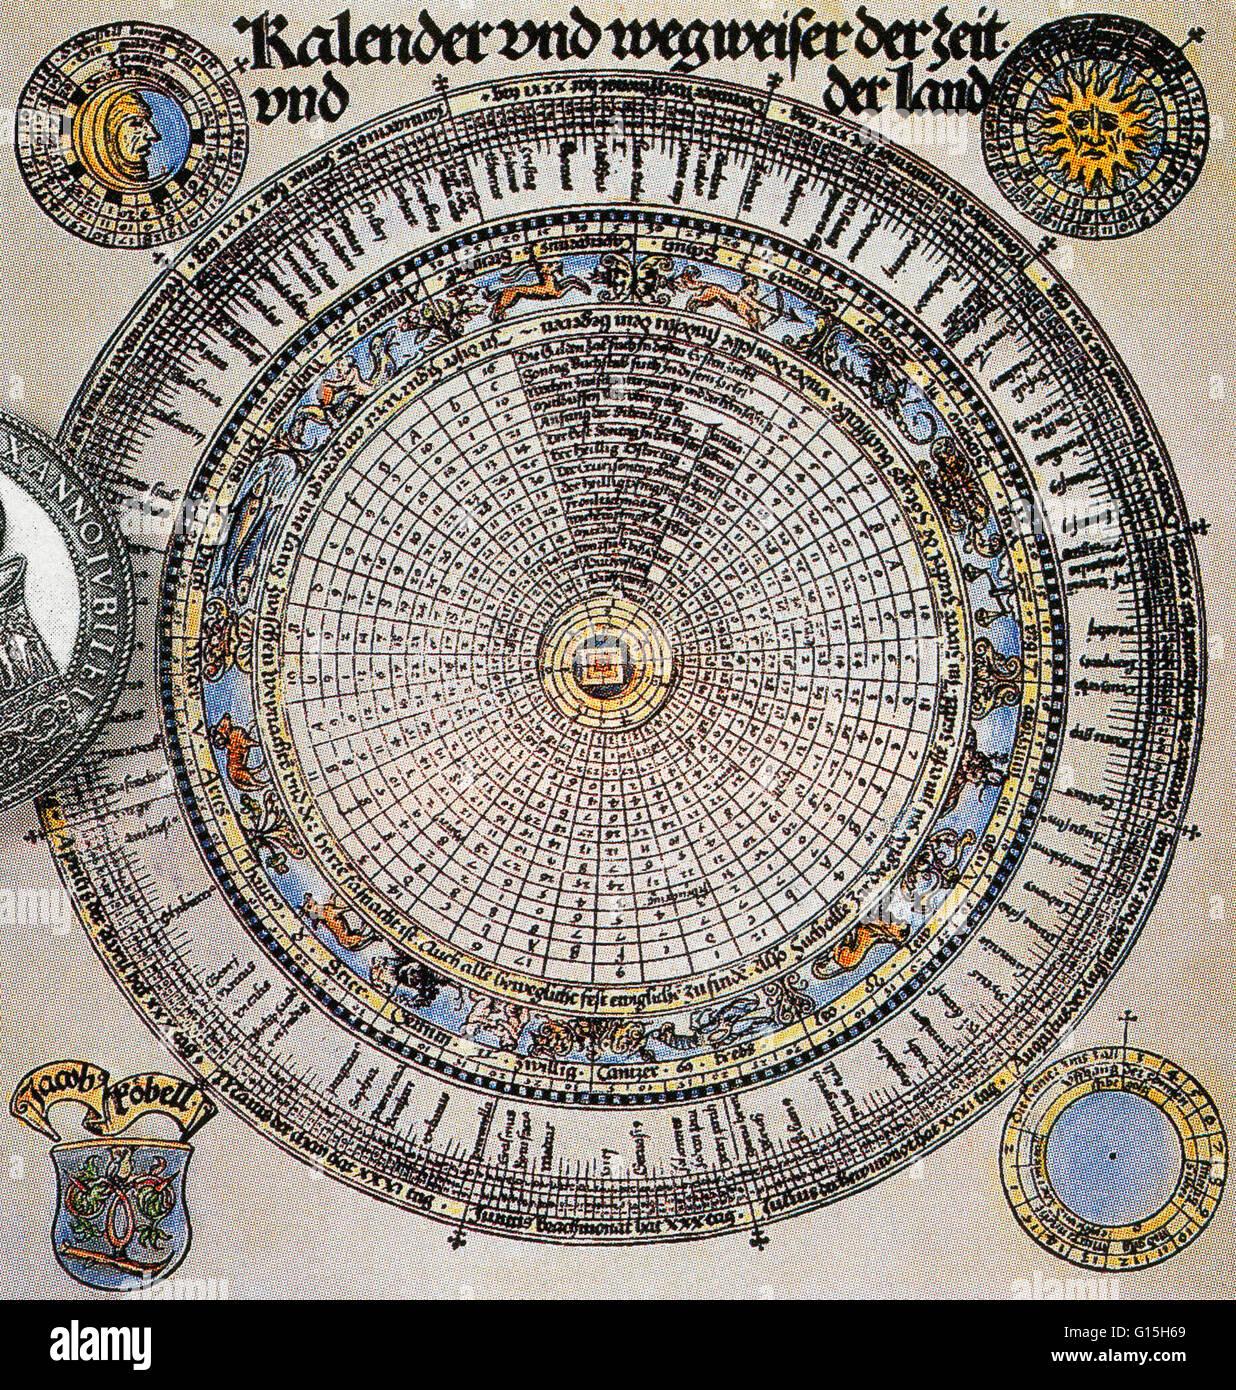 Calendario Gregoriano.Il Calendario Gregoriano Western Calendario Calendario Cristiano E Il Calendario Solare In Uso Nella Maggior Parte Del Mondo Esso E Stato Sponsorizzato Da Papa Gregorio Xiii Nel 1582 Come Una Versione Corretta